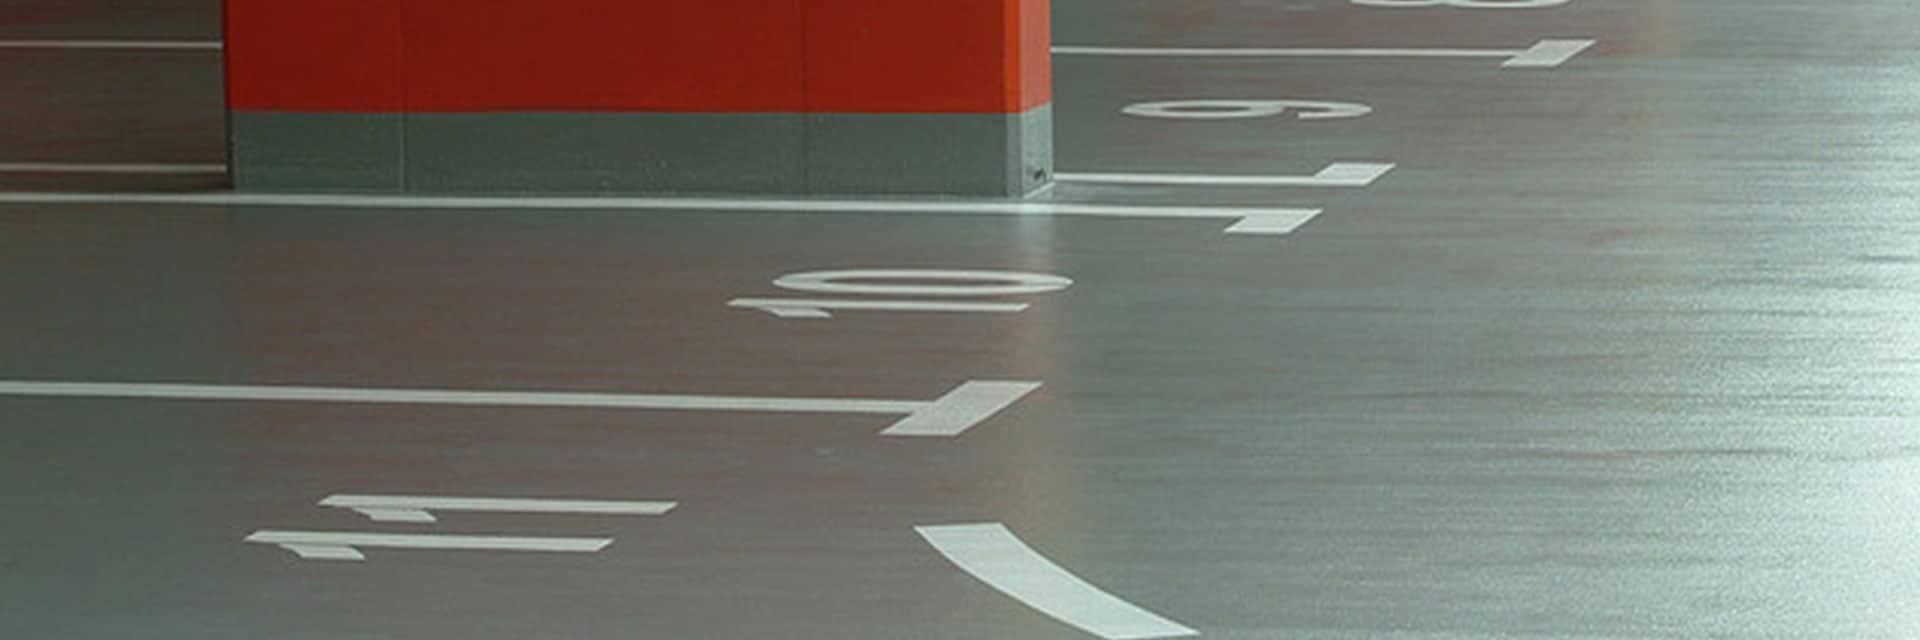 Parkeergaragevloer parkeervakken